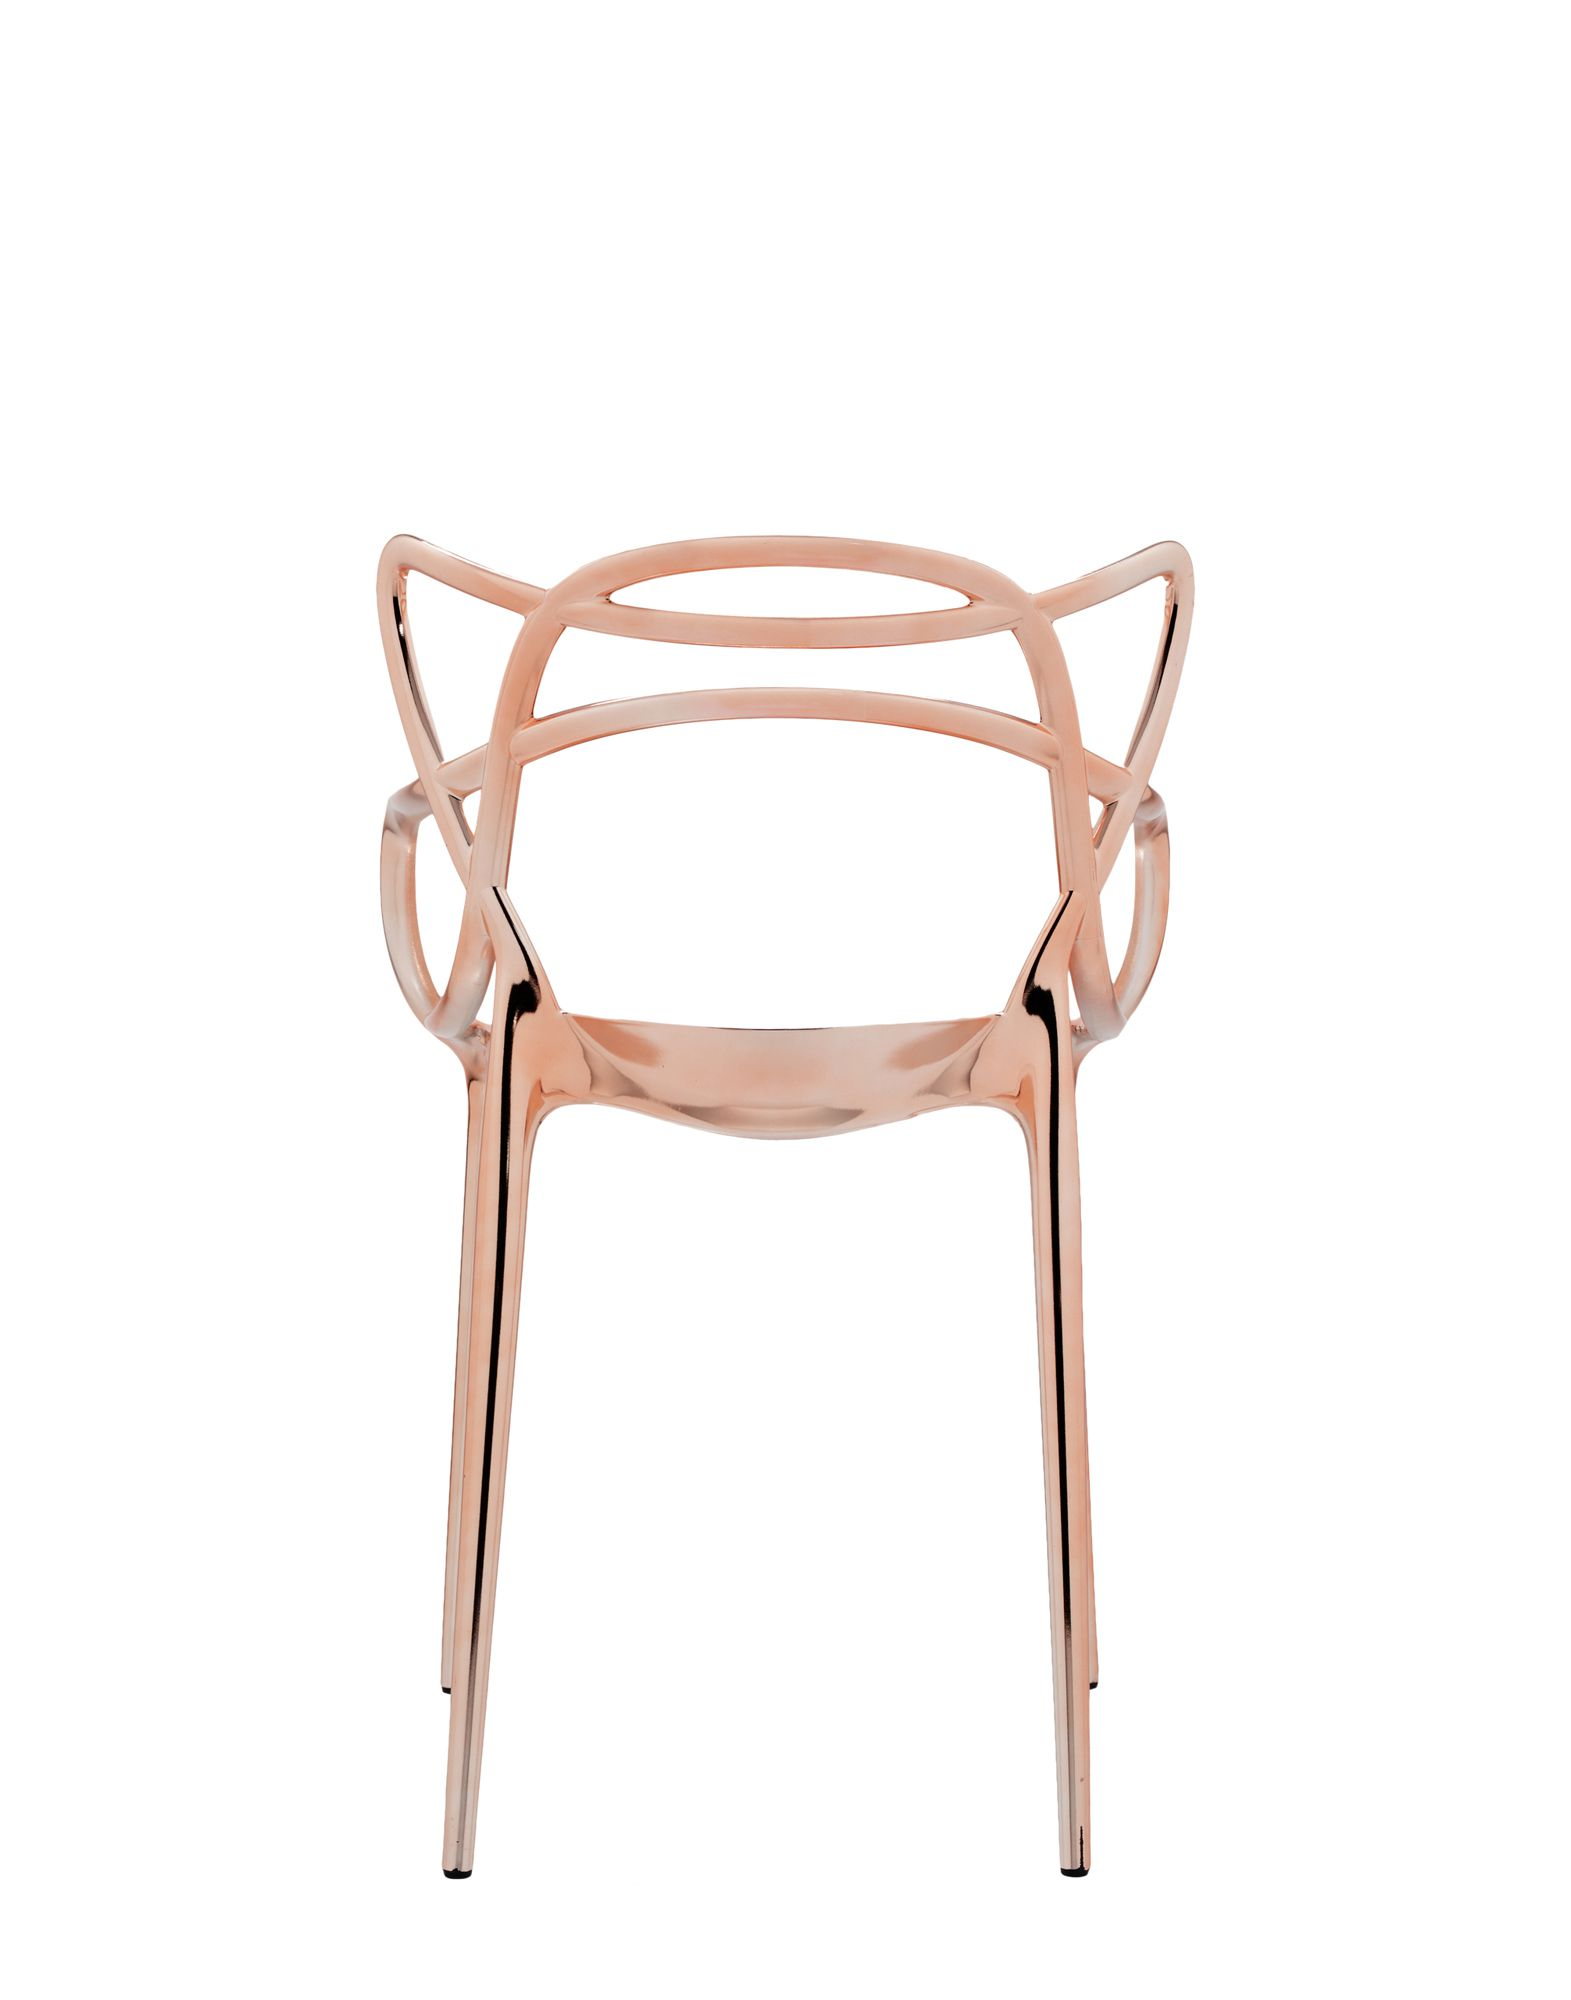 Kartell masters rame sedie sedie design sedie moderne for Sedie masters kartell scontate